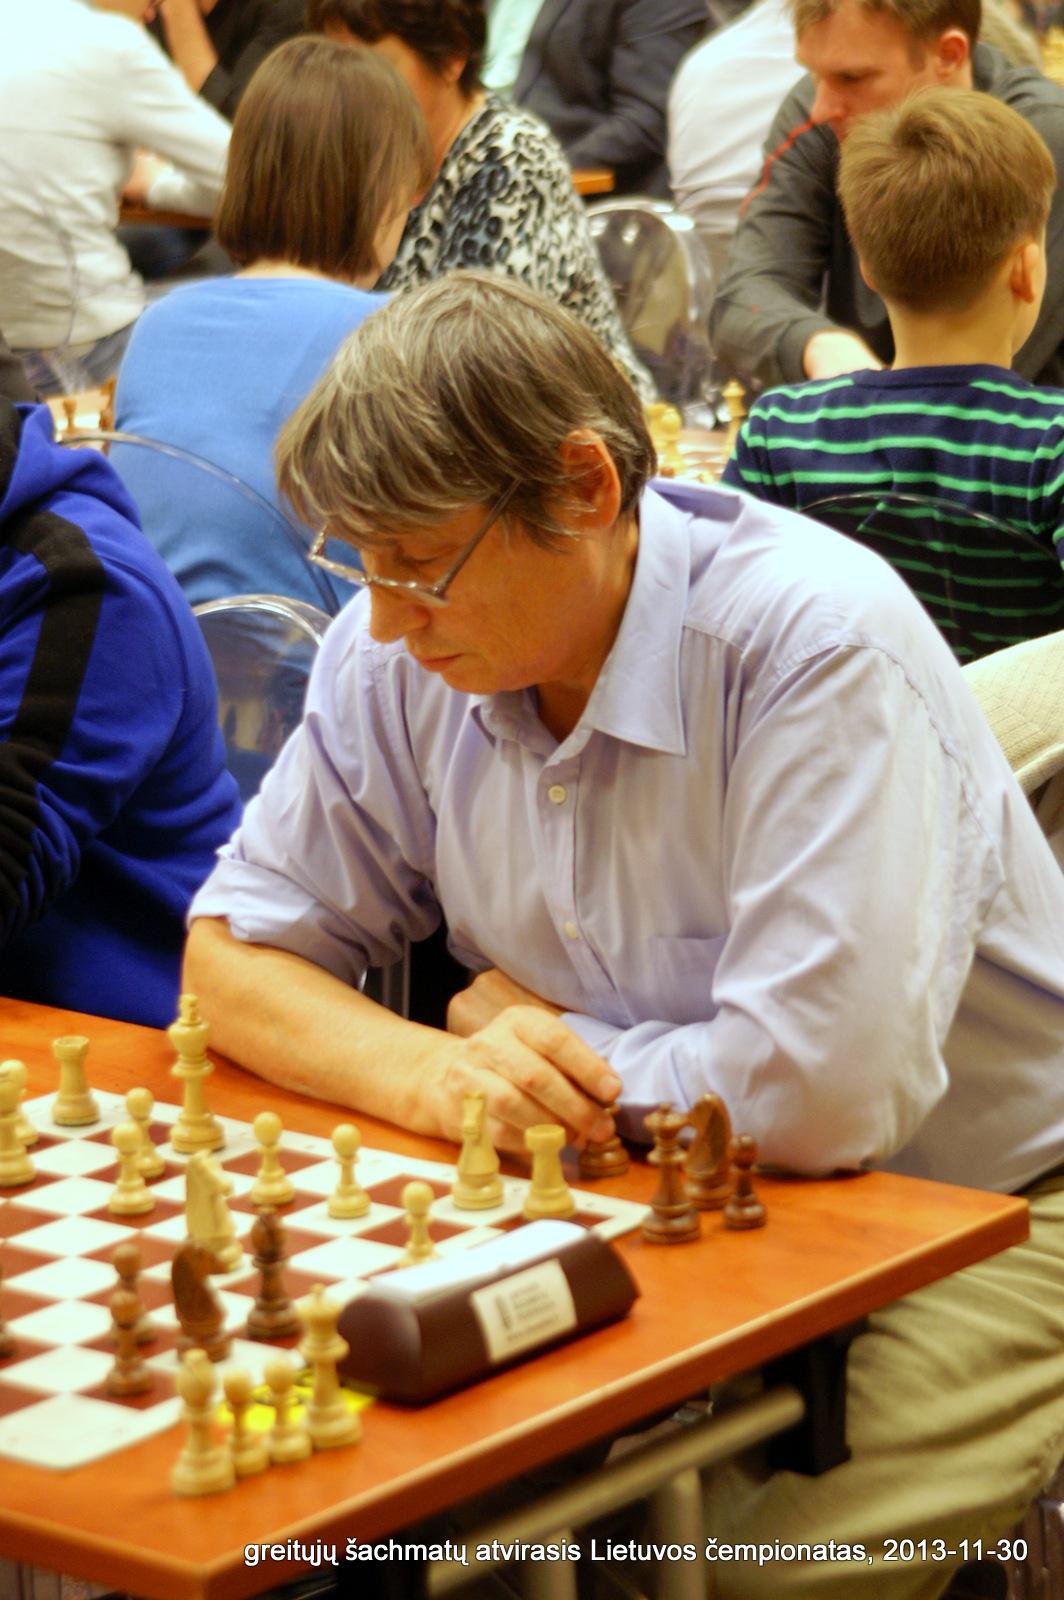 greitųjų šachmatų atvirasis Lietuvos čempionatas, 2013-11-30; Jurijus Jeriominas